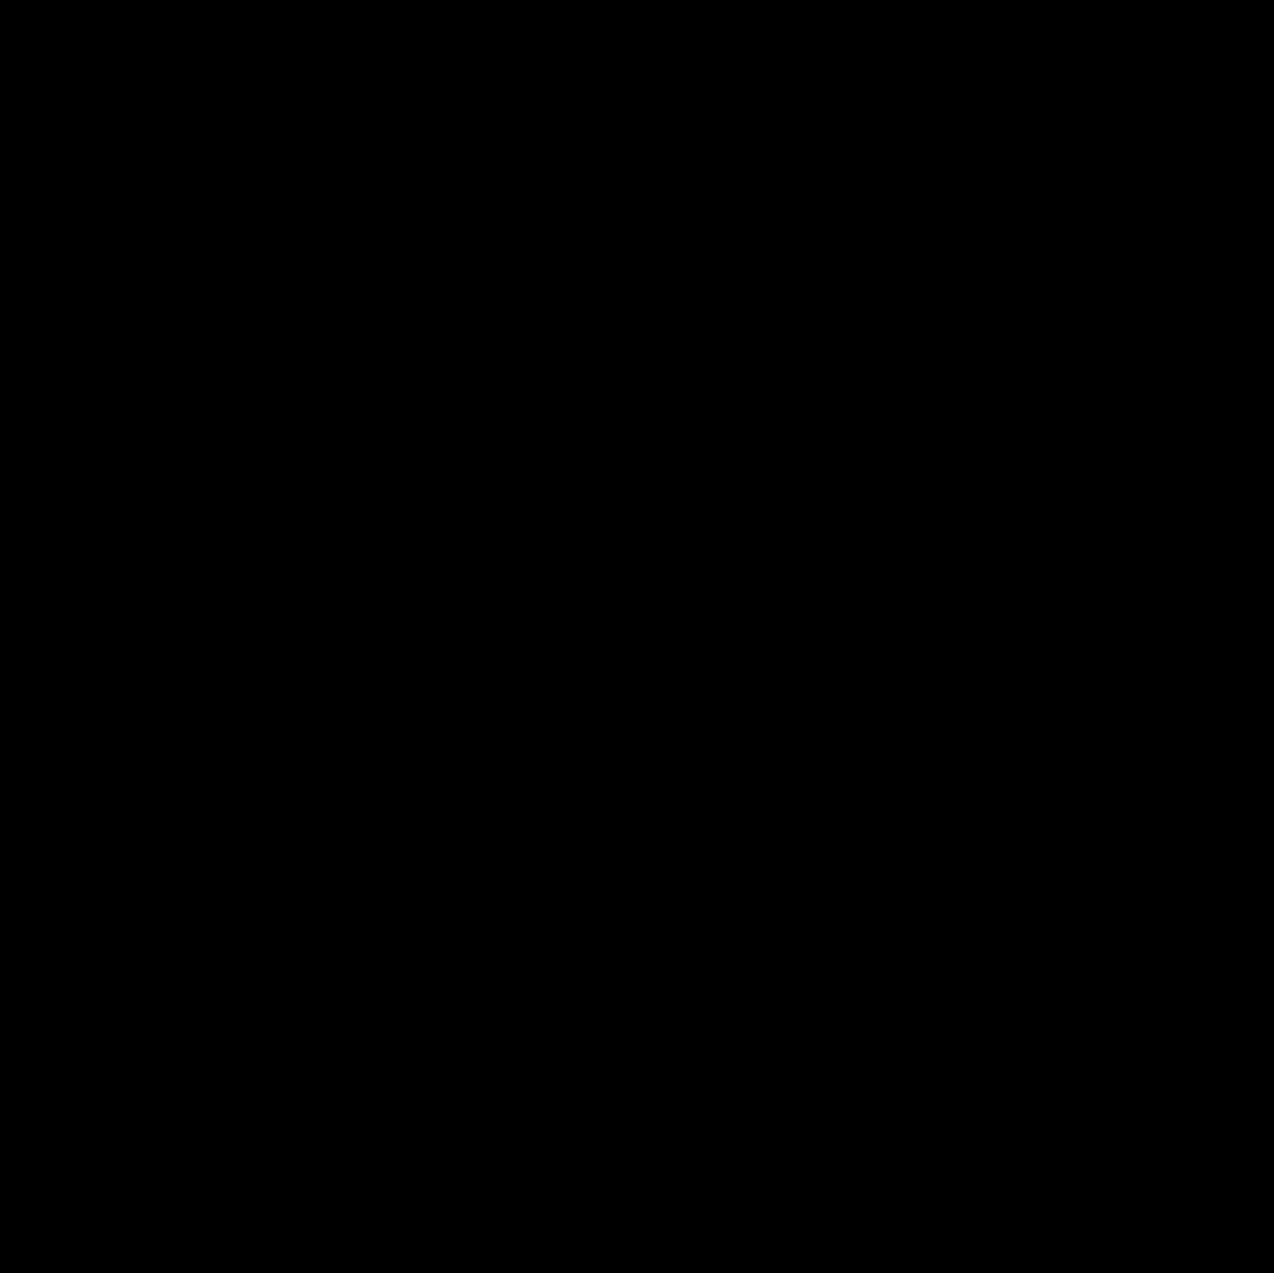 1274x1273 Msu Spartan Cliparts 236068